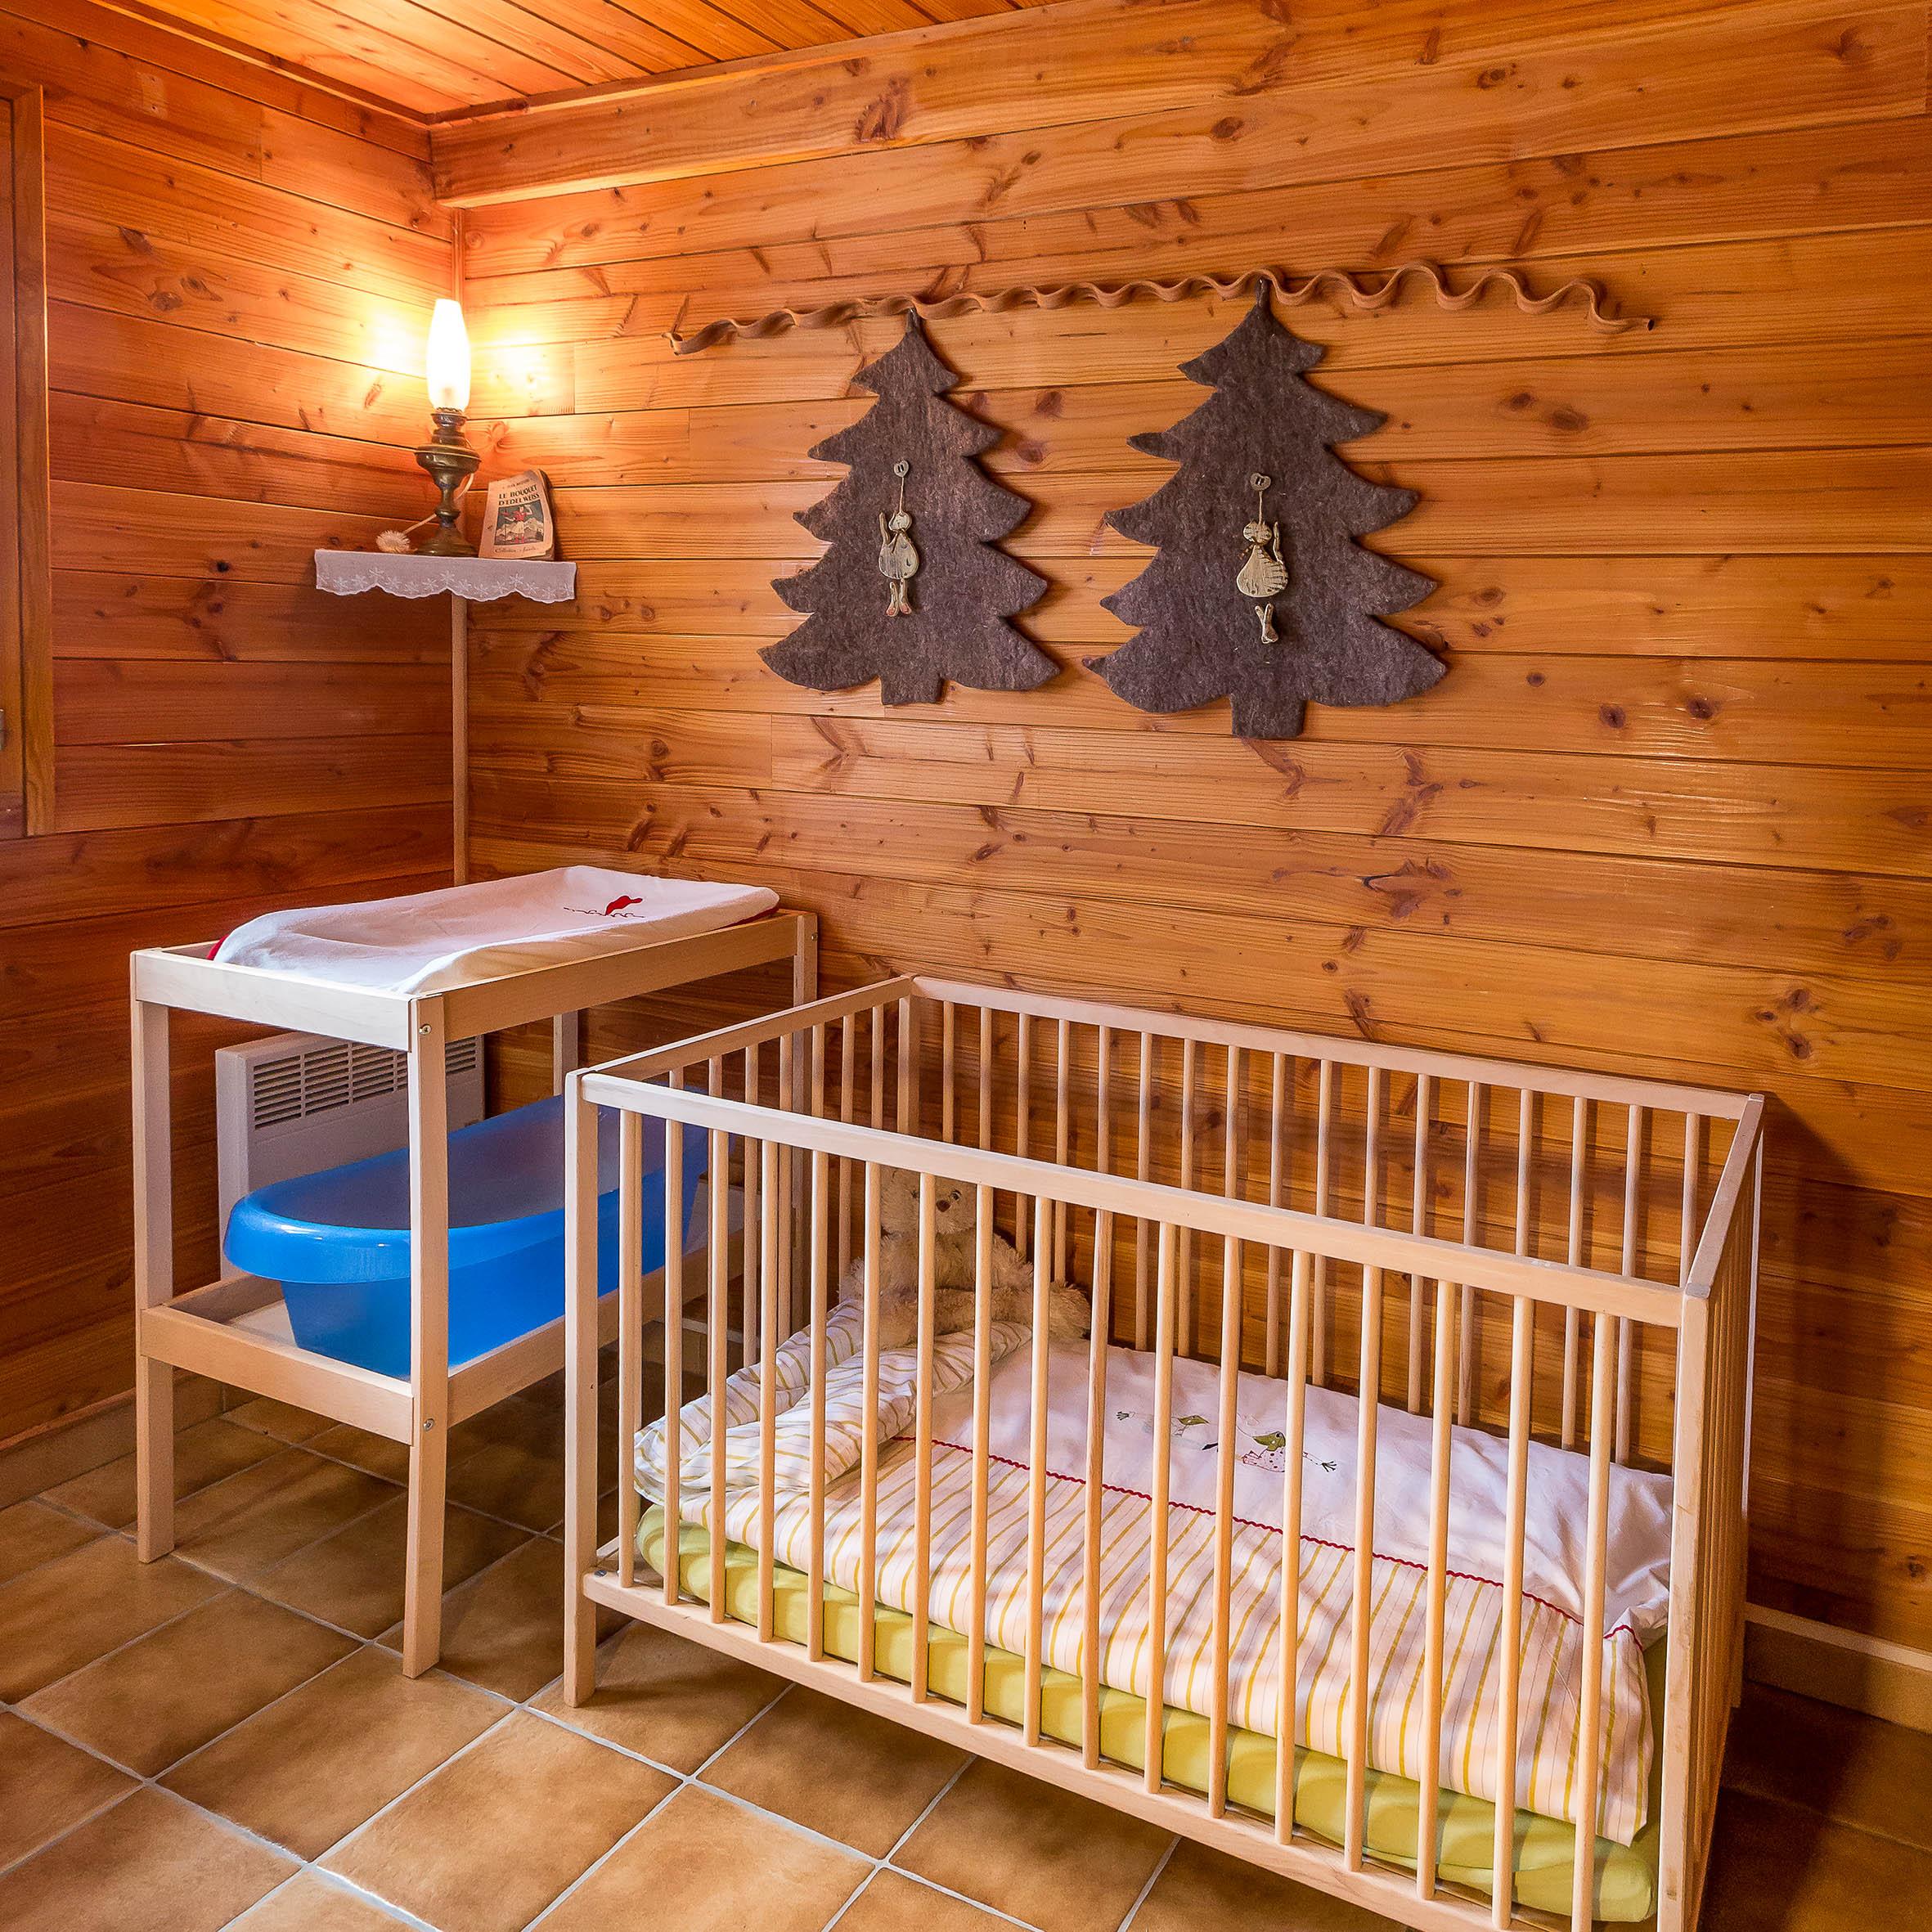 Chalet Carpe Diem - Équipement bébé disponible sans supplément